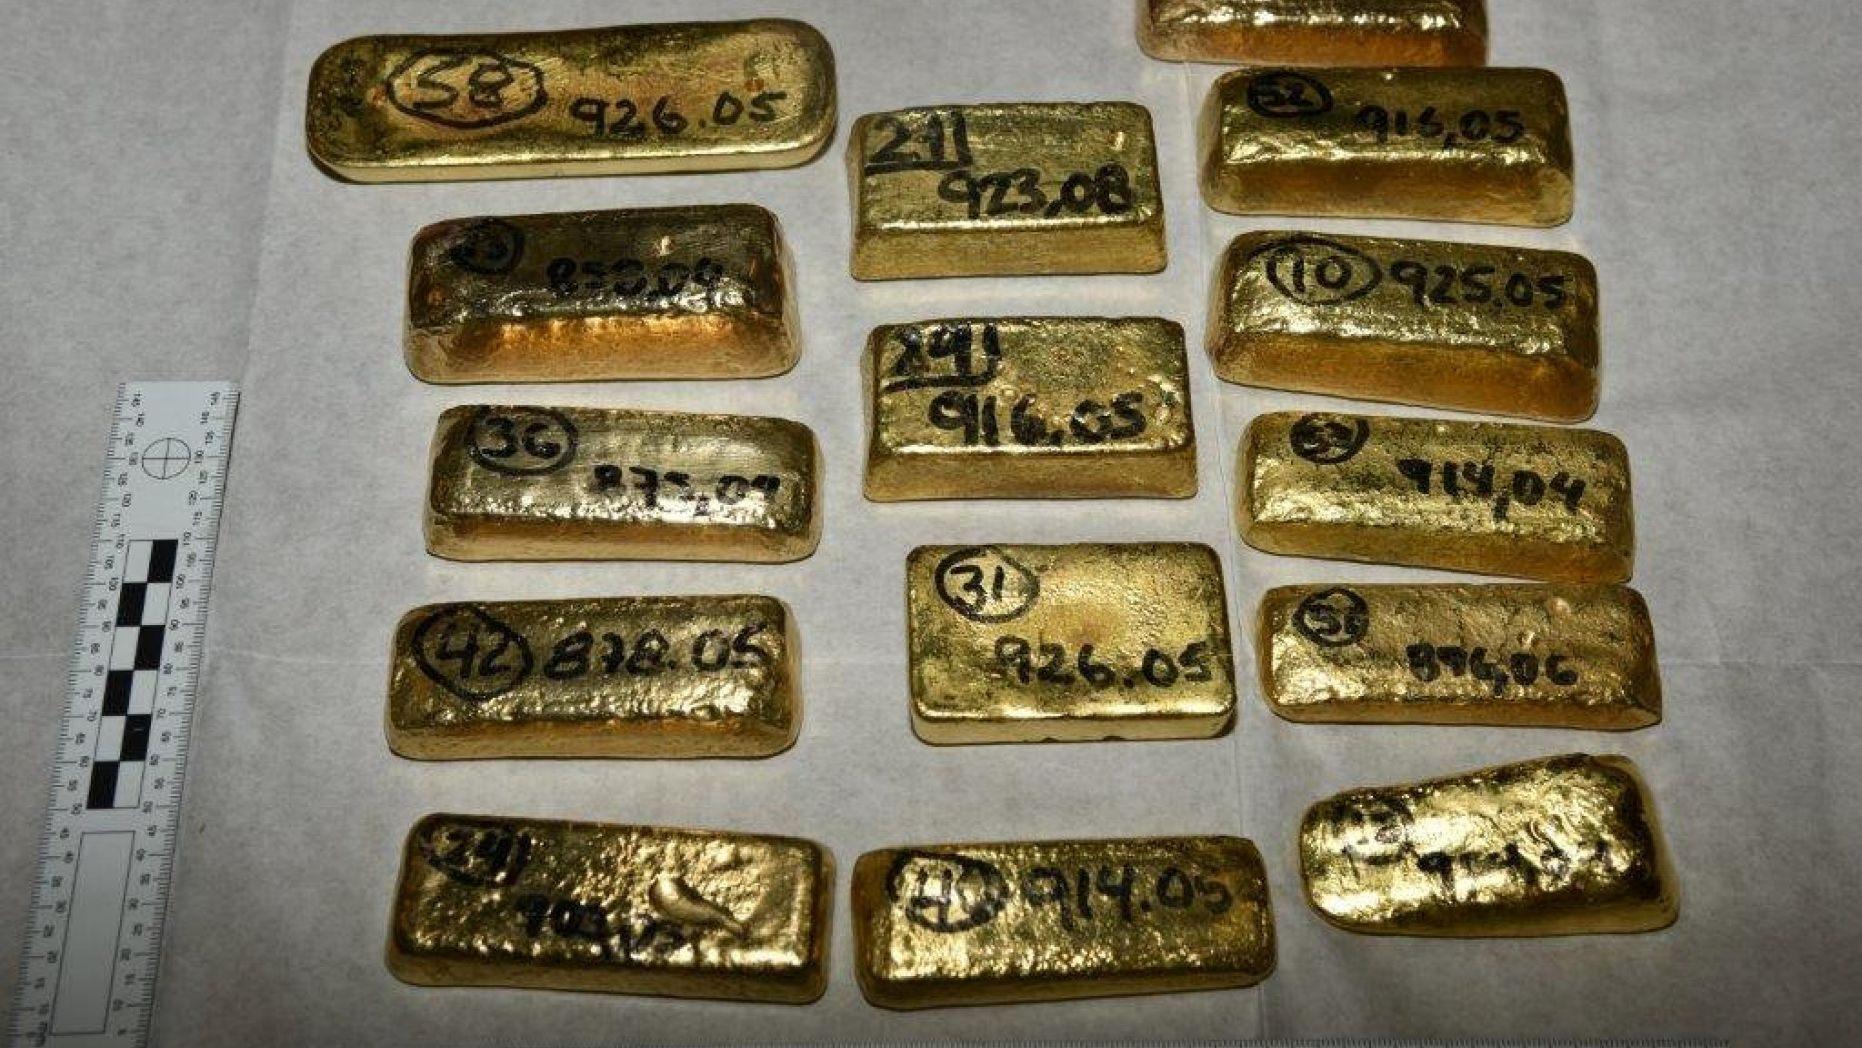 المضبوطات من الذهب